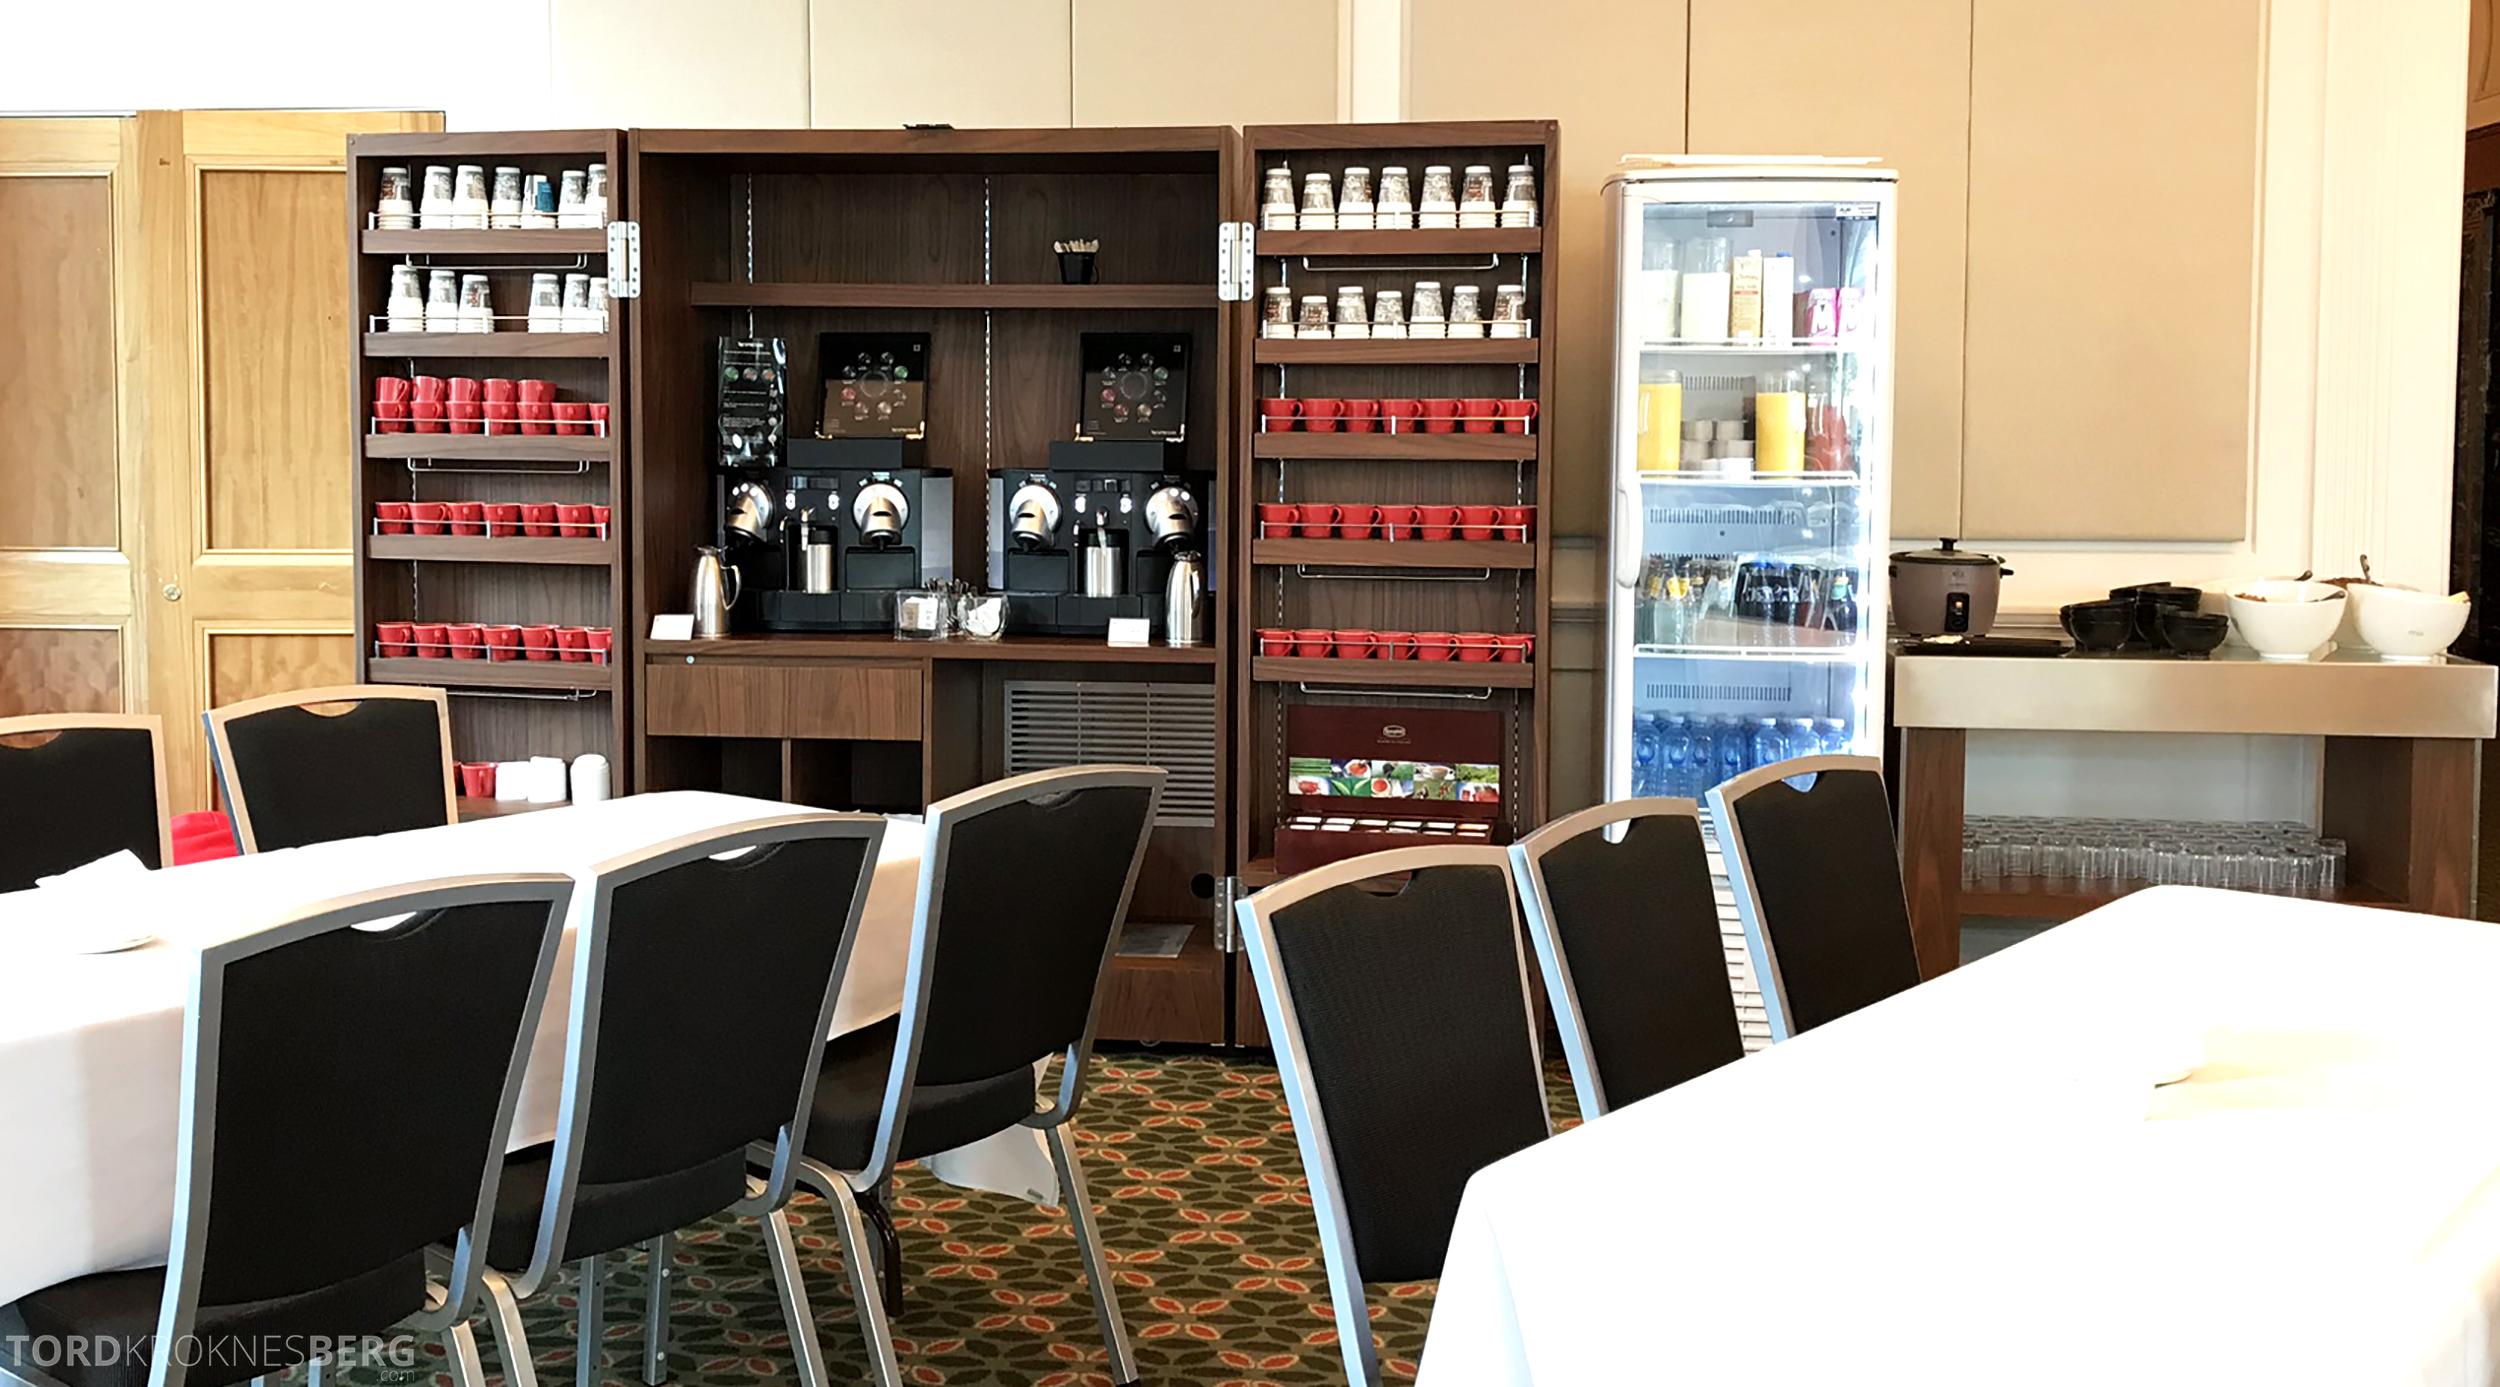 Brisbane Marriott Hotel Executive Lounge drikkesftasjon